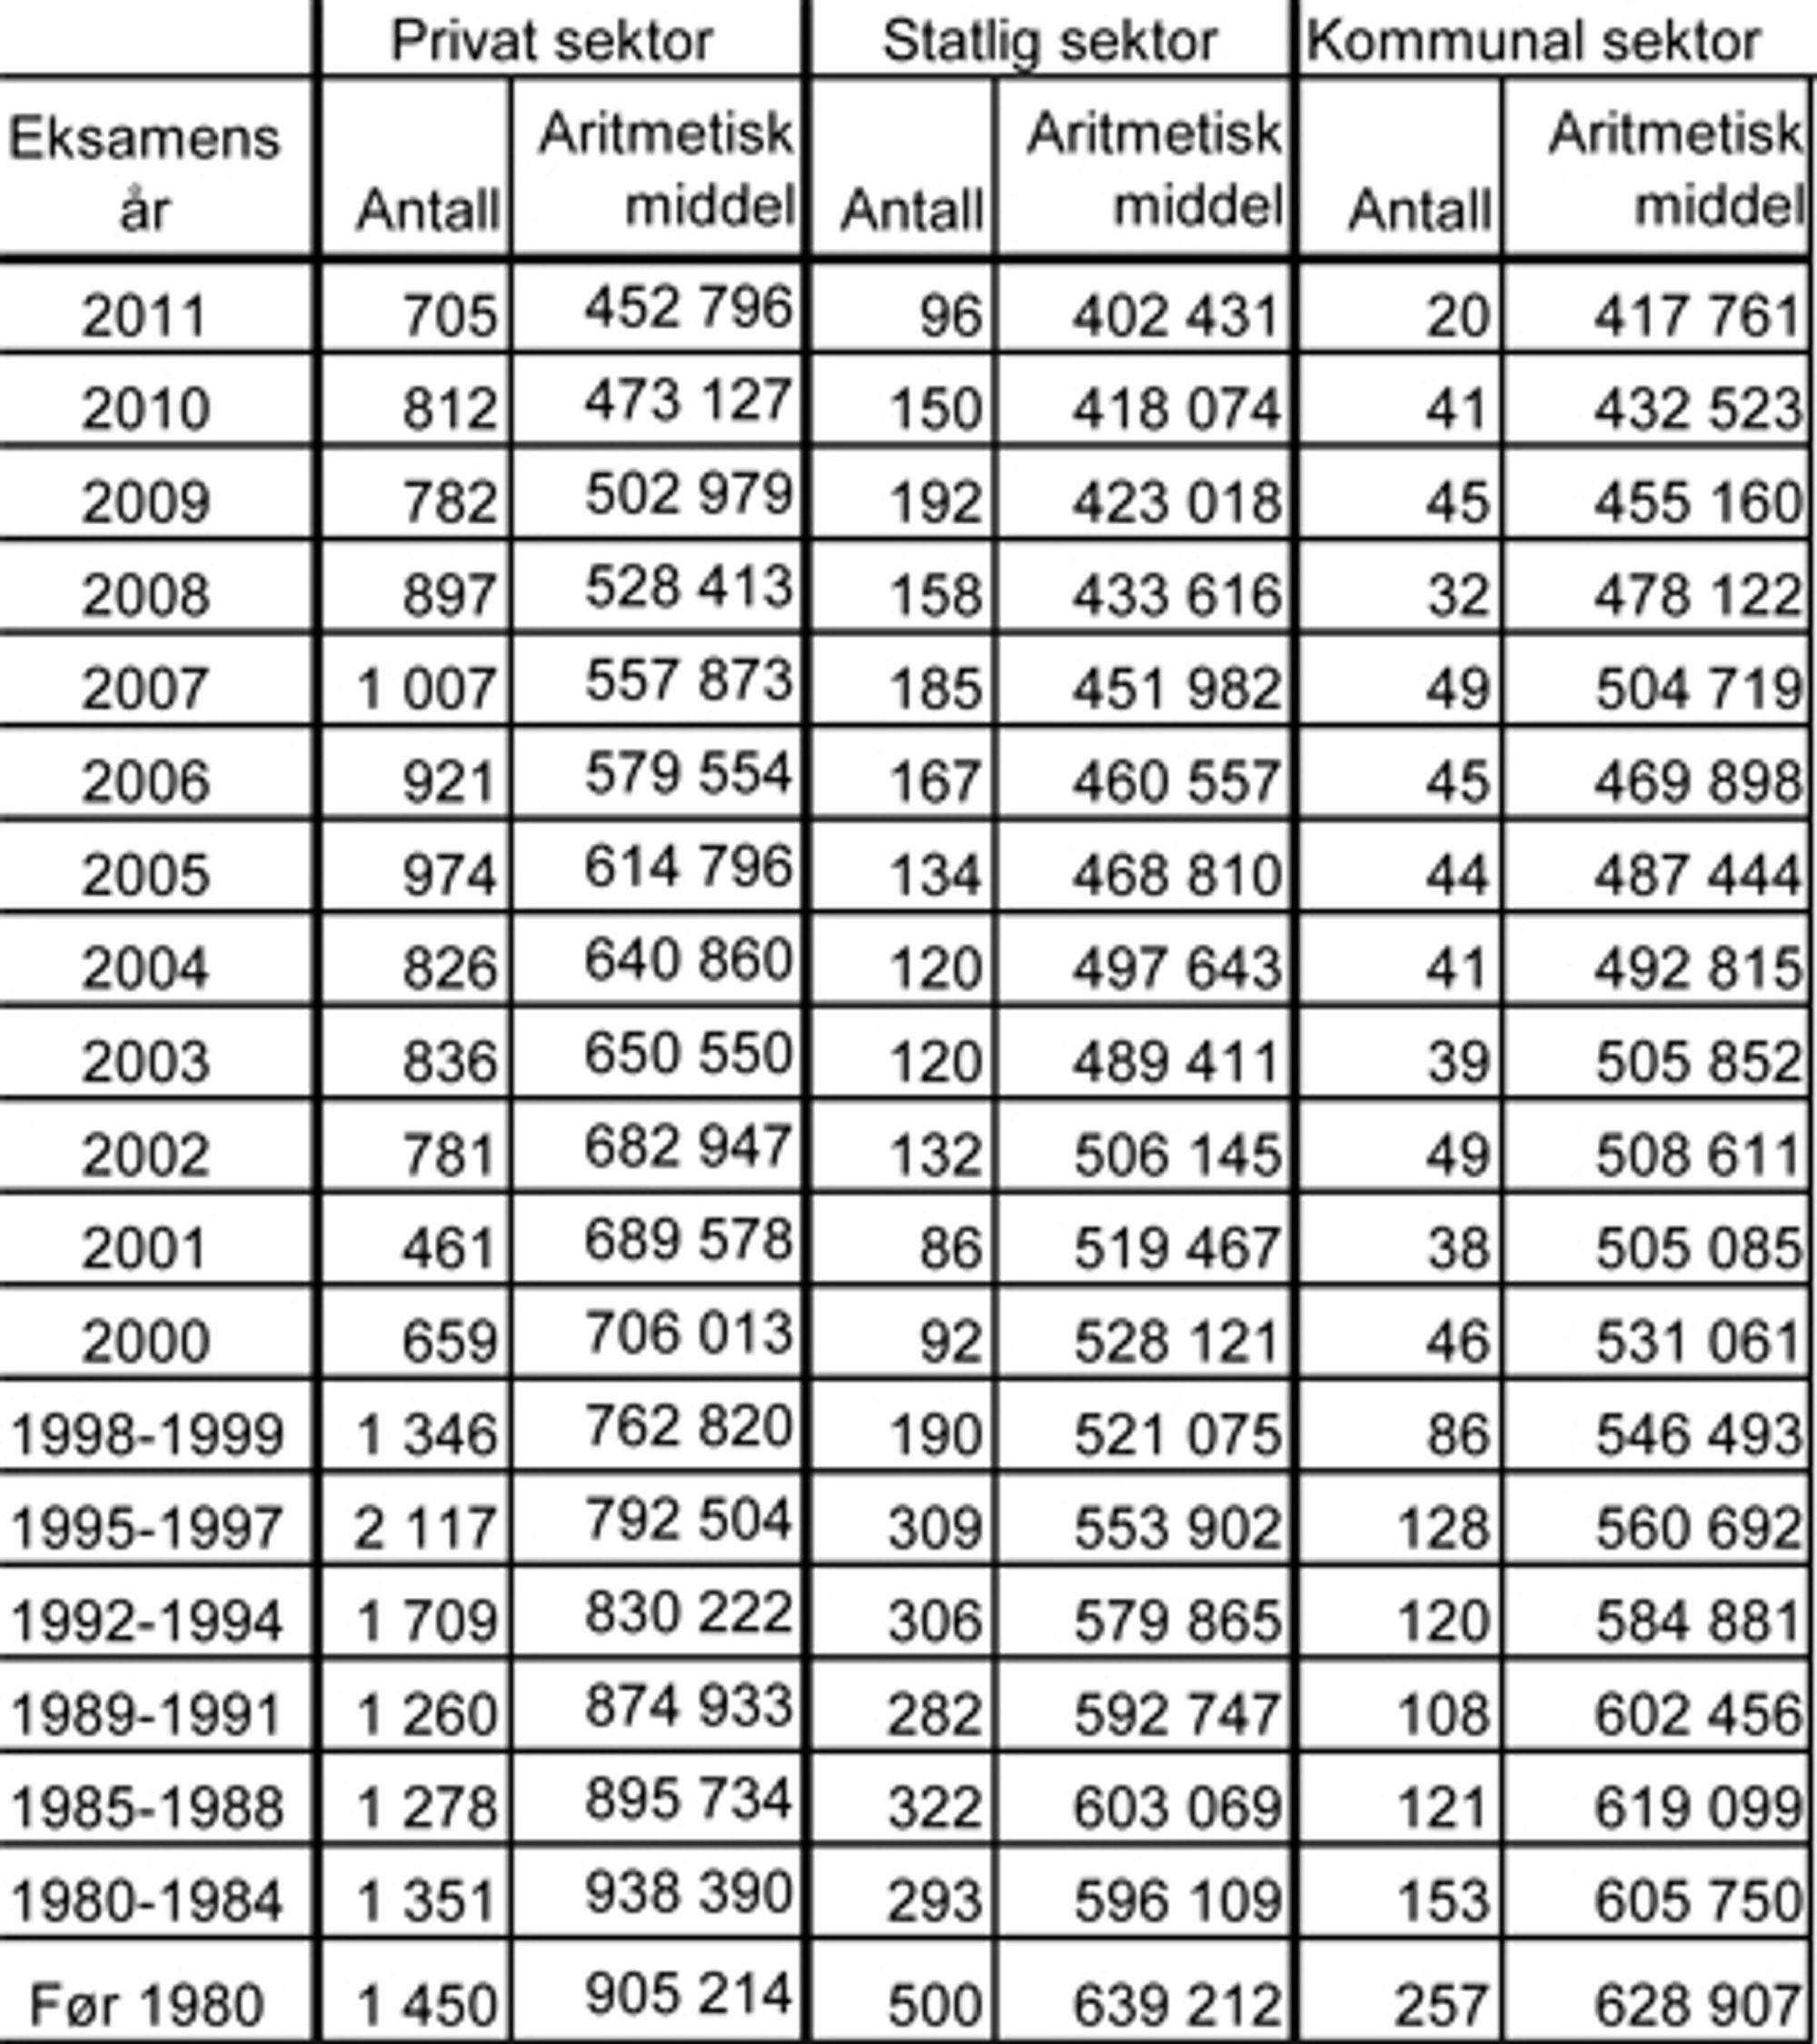 TABELL: Ut i fra tall for når Teknas medlemmer tok avsluttende eksamen og begynte å jobbe ser man at avstanden mellom privat sektor og de andre øker med alder.  Samtidig er lønnsveksten svært bra blant de yngste kullene i kommunal sektor.